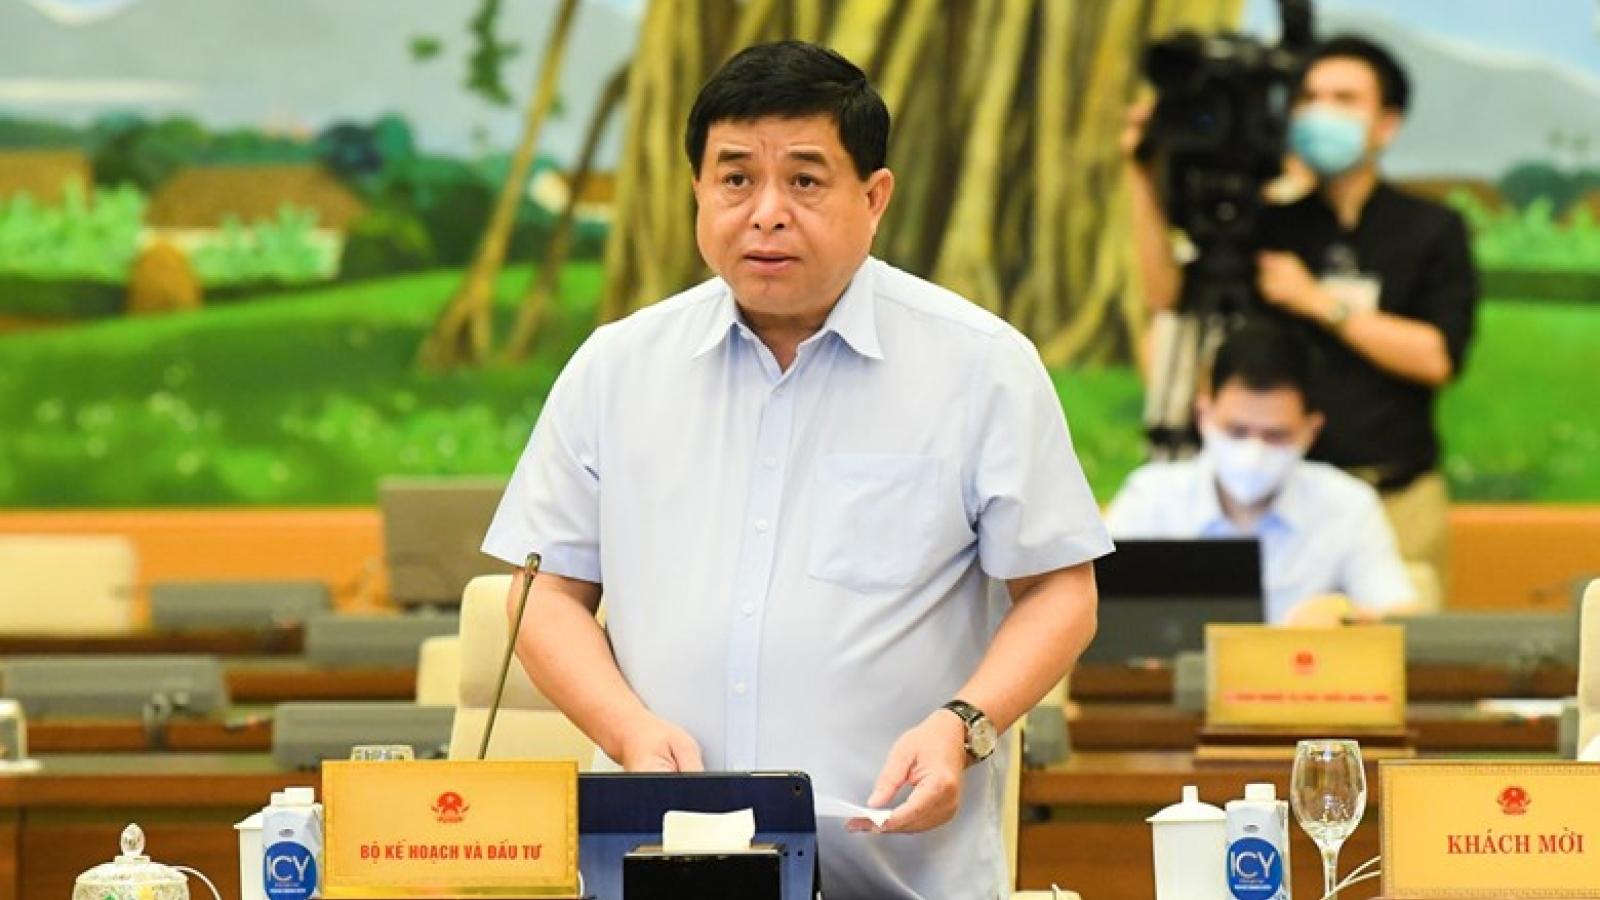 Chính phủ đề xuất nhiều chính sách đặc thù để phát triển Thanh Hóa